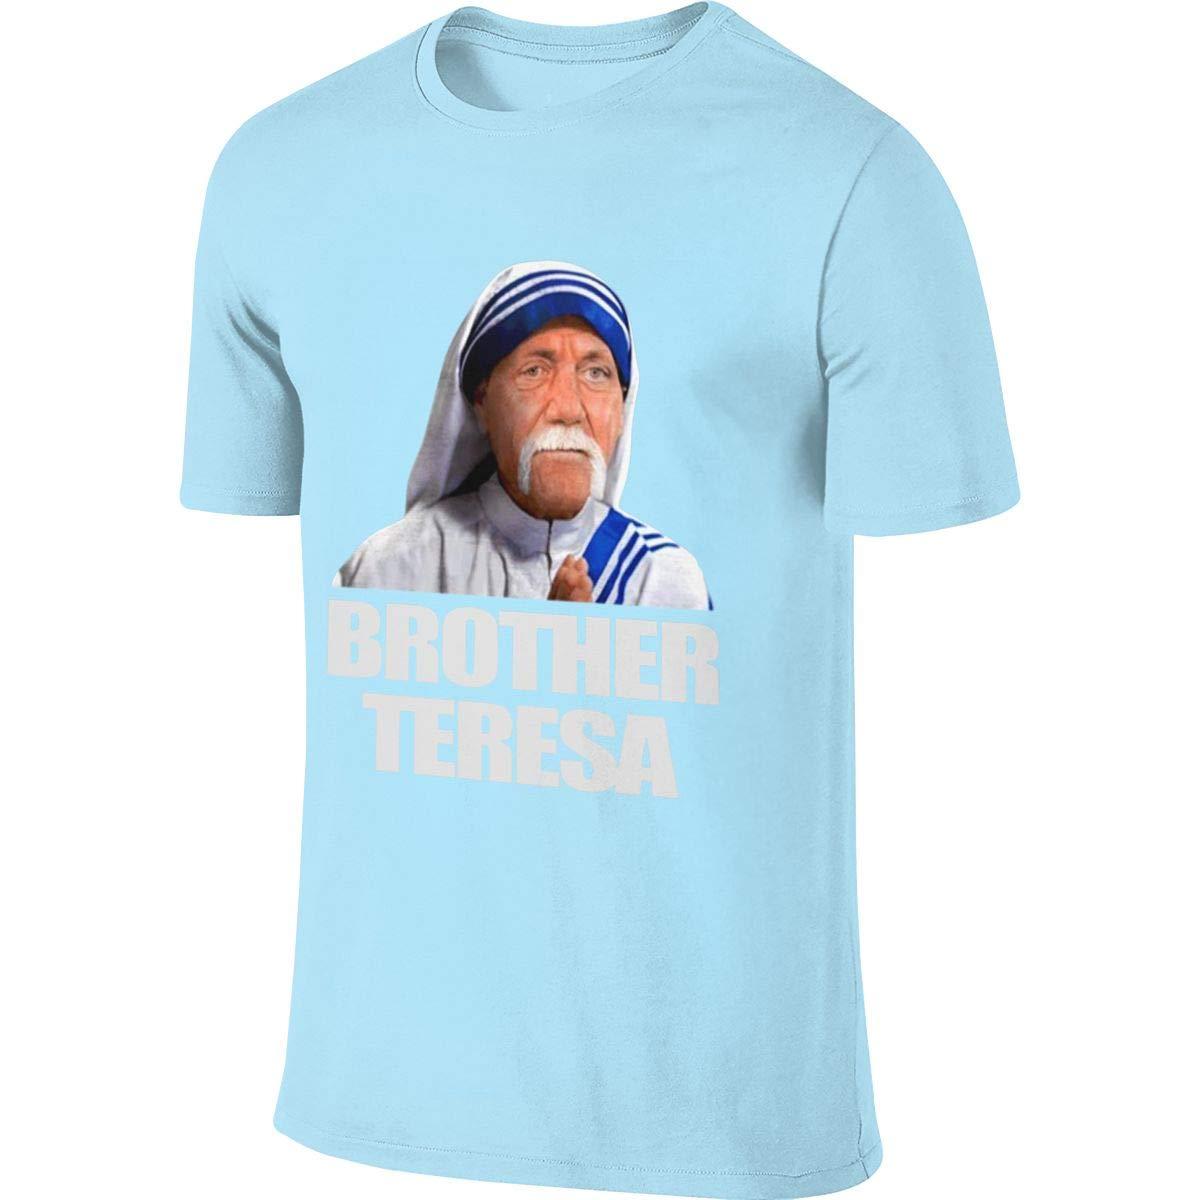 Brother Teresa Tee Hogan Parody Funny Party Deep Heather T Shirt 6443